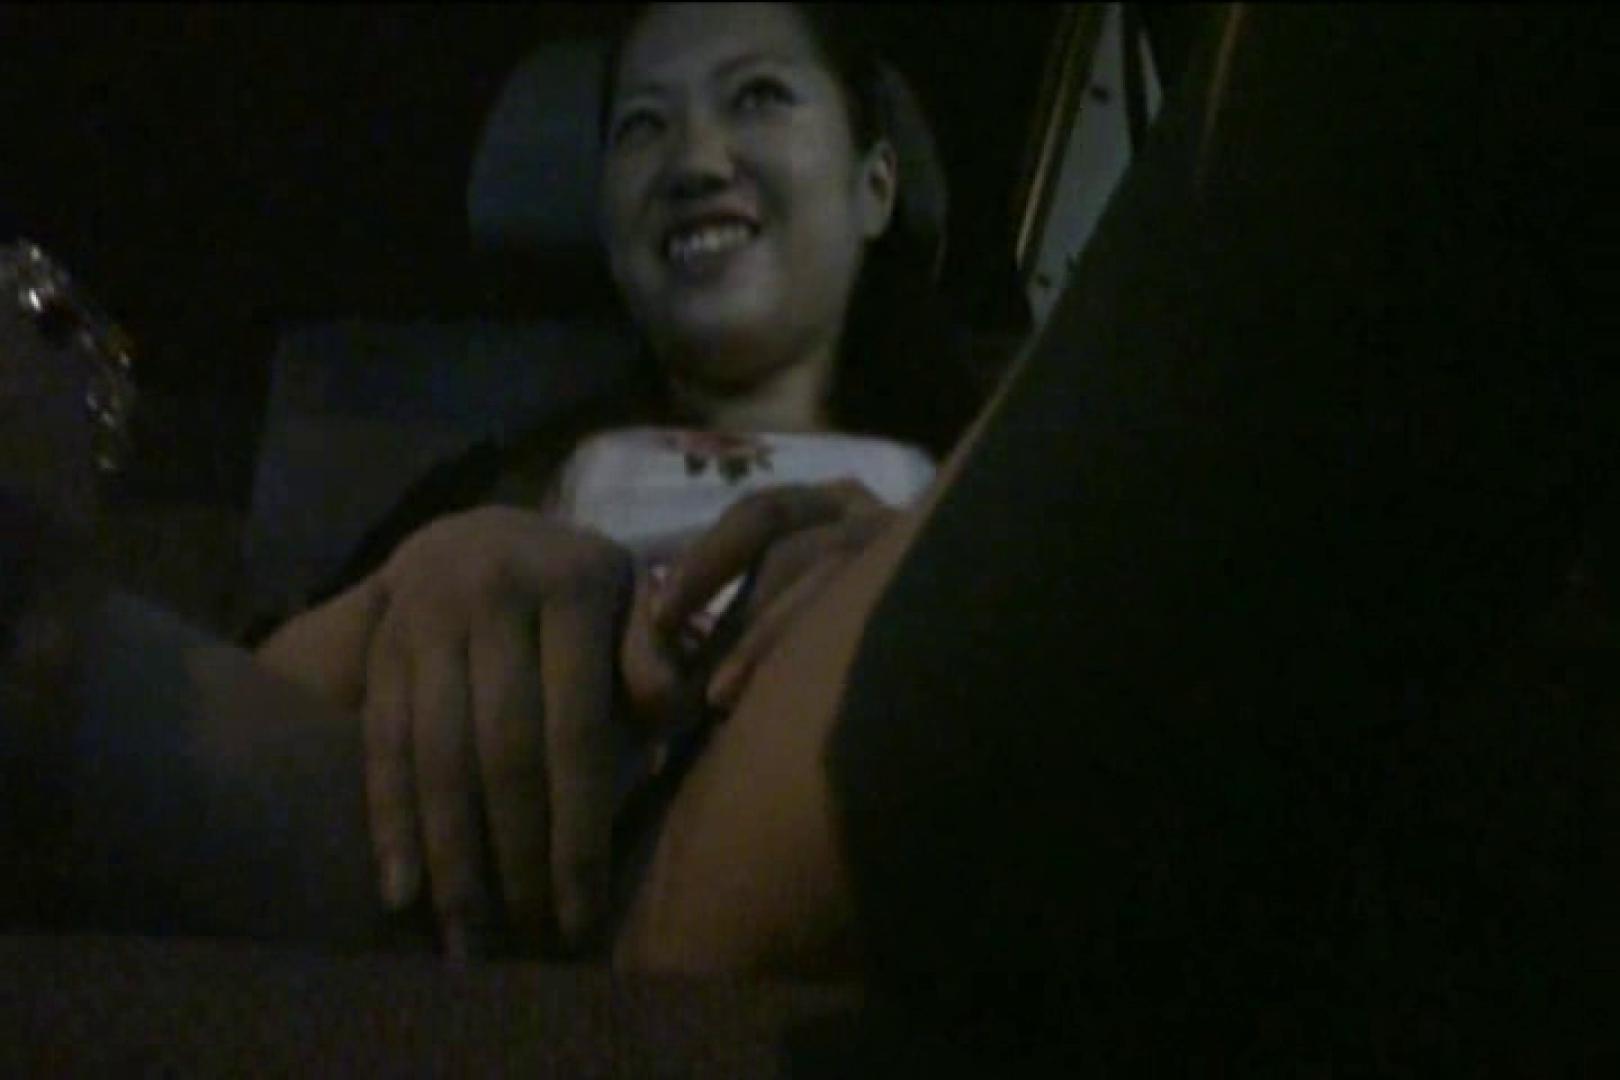 車内で初めまして! vol01 車 盗撮動画紹介 105連発 89